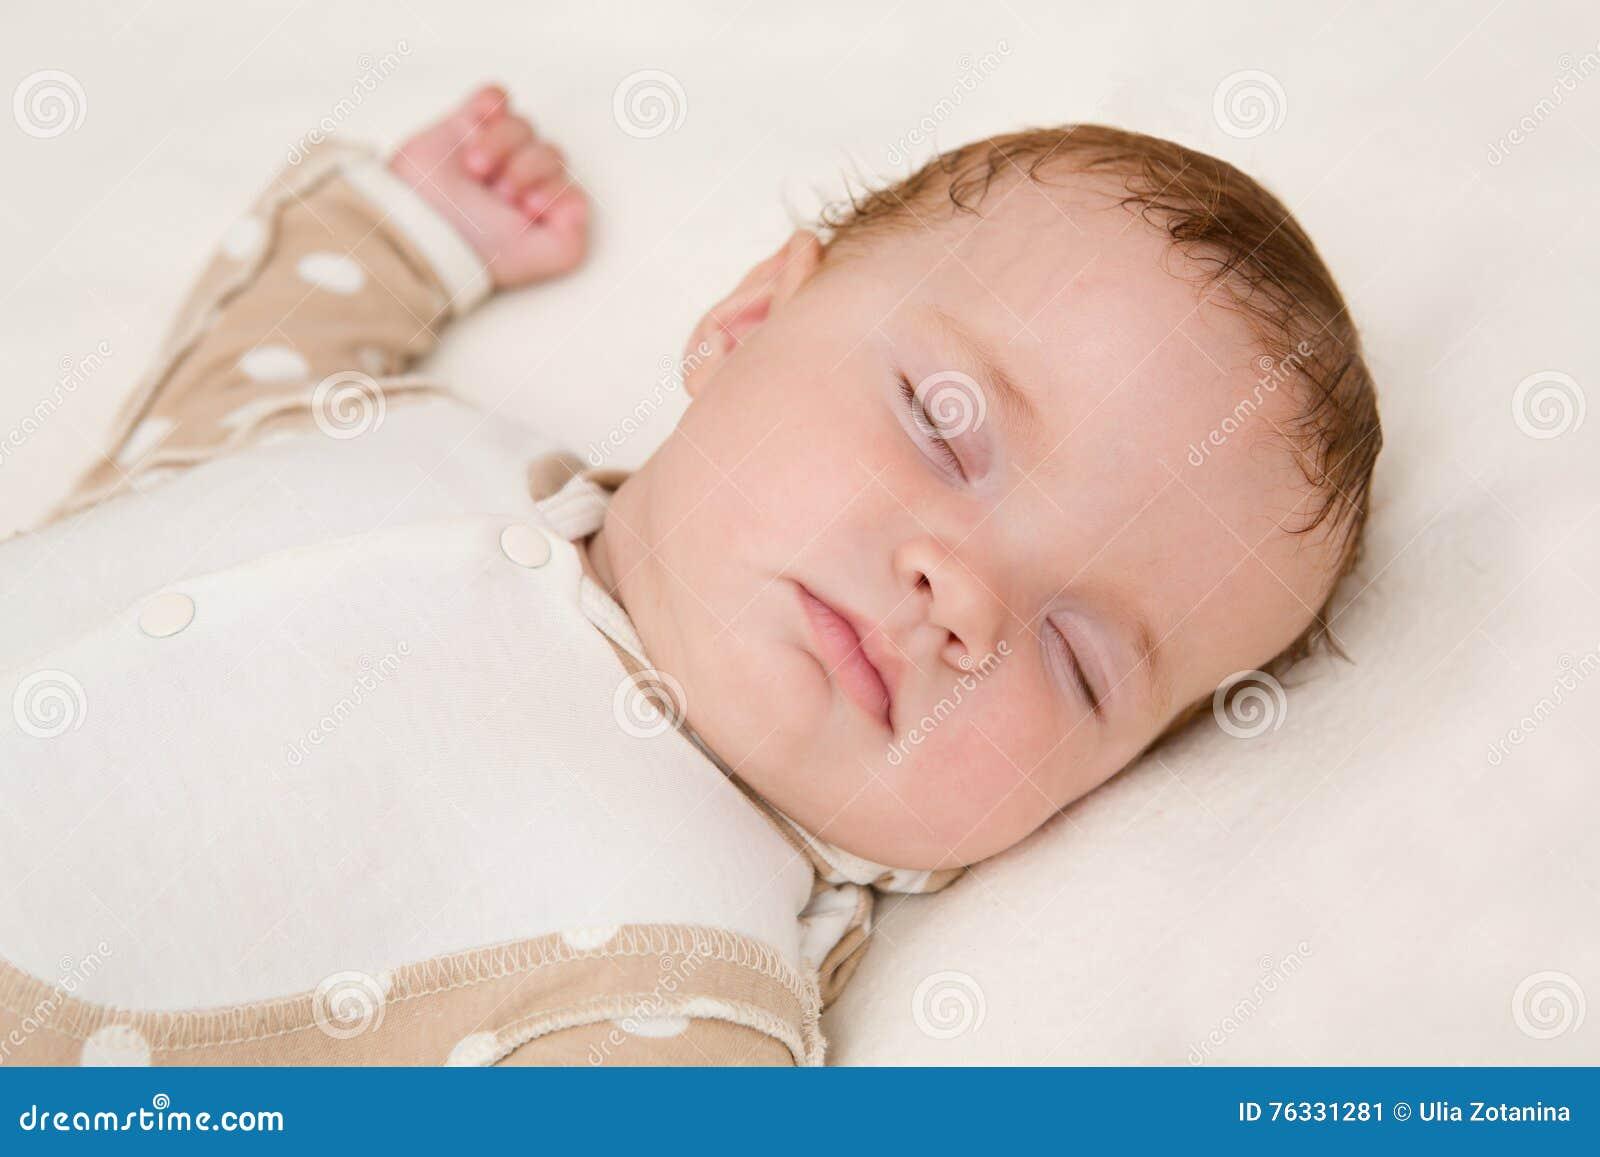 躺在床上的平安的婴孩,当睡觉时